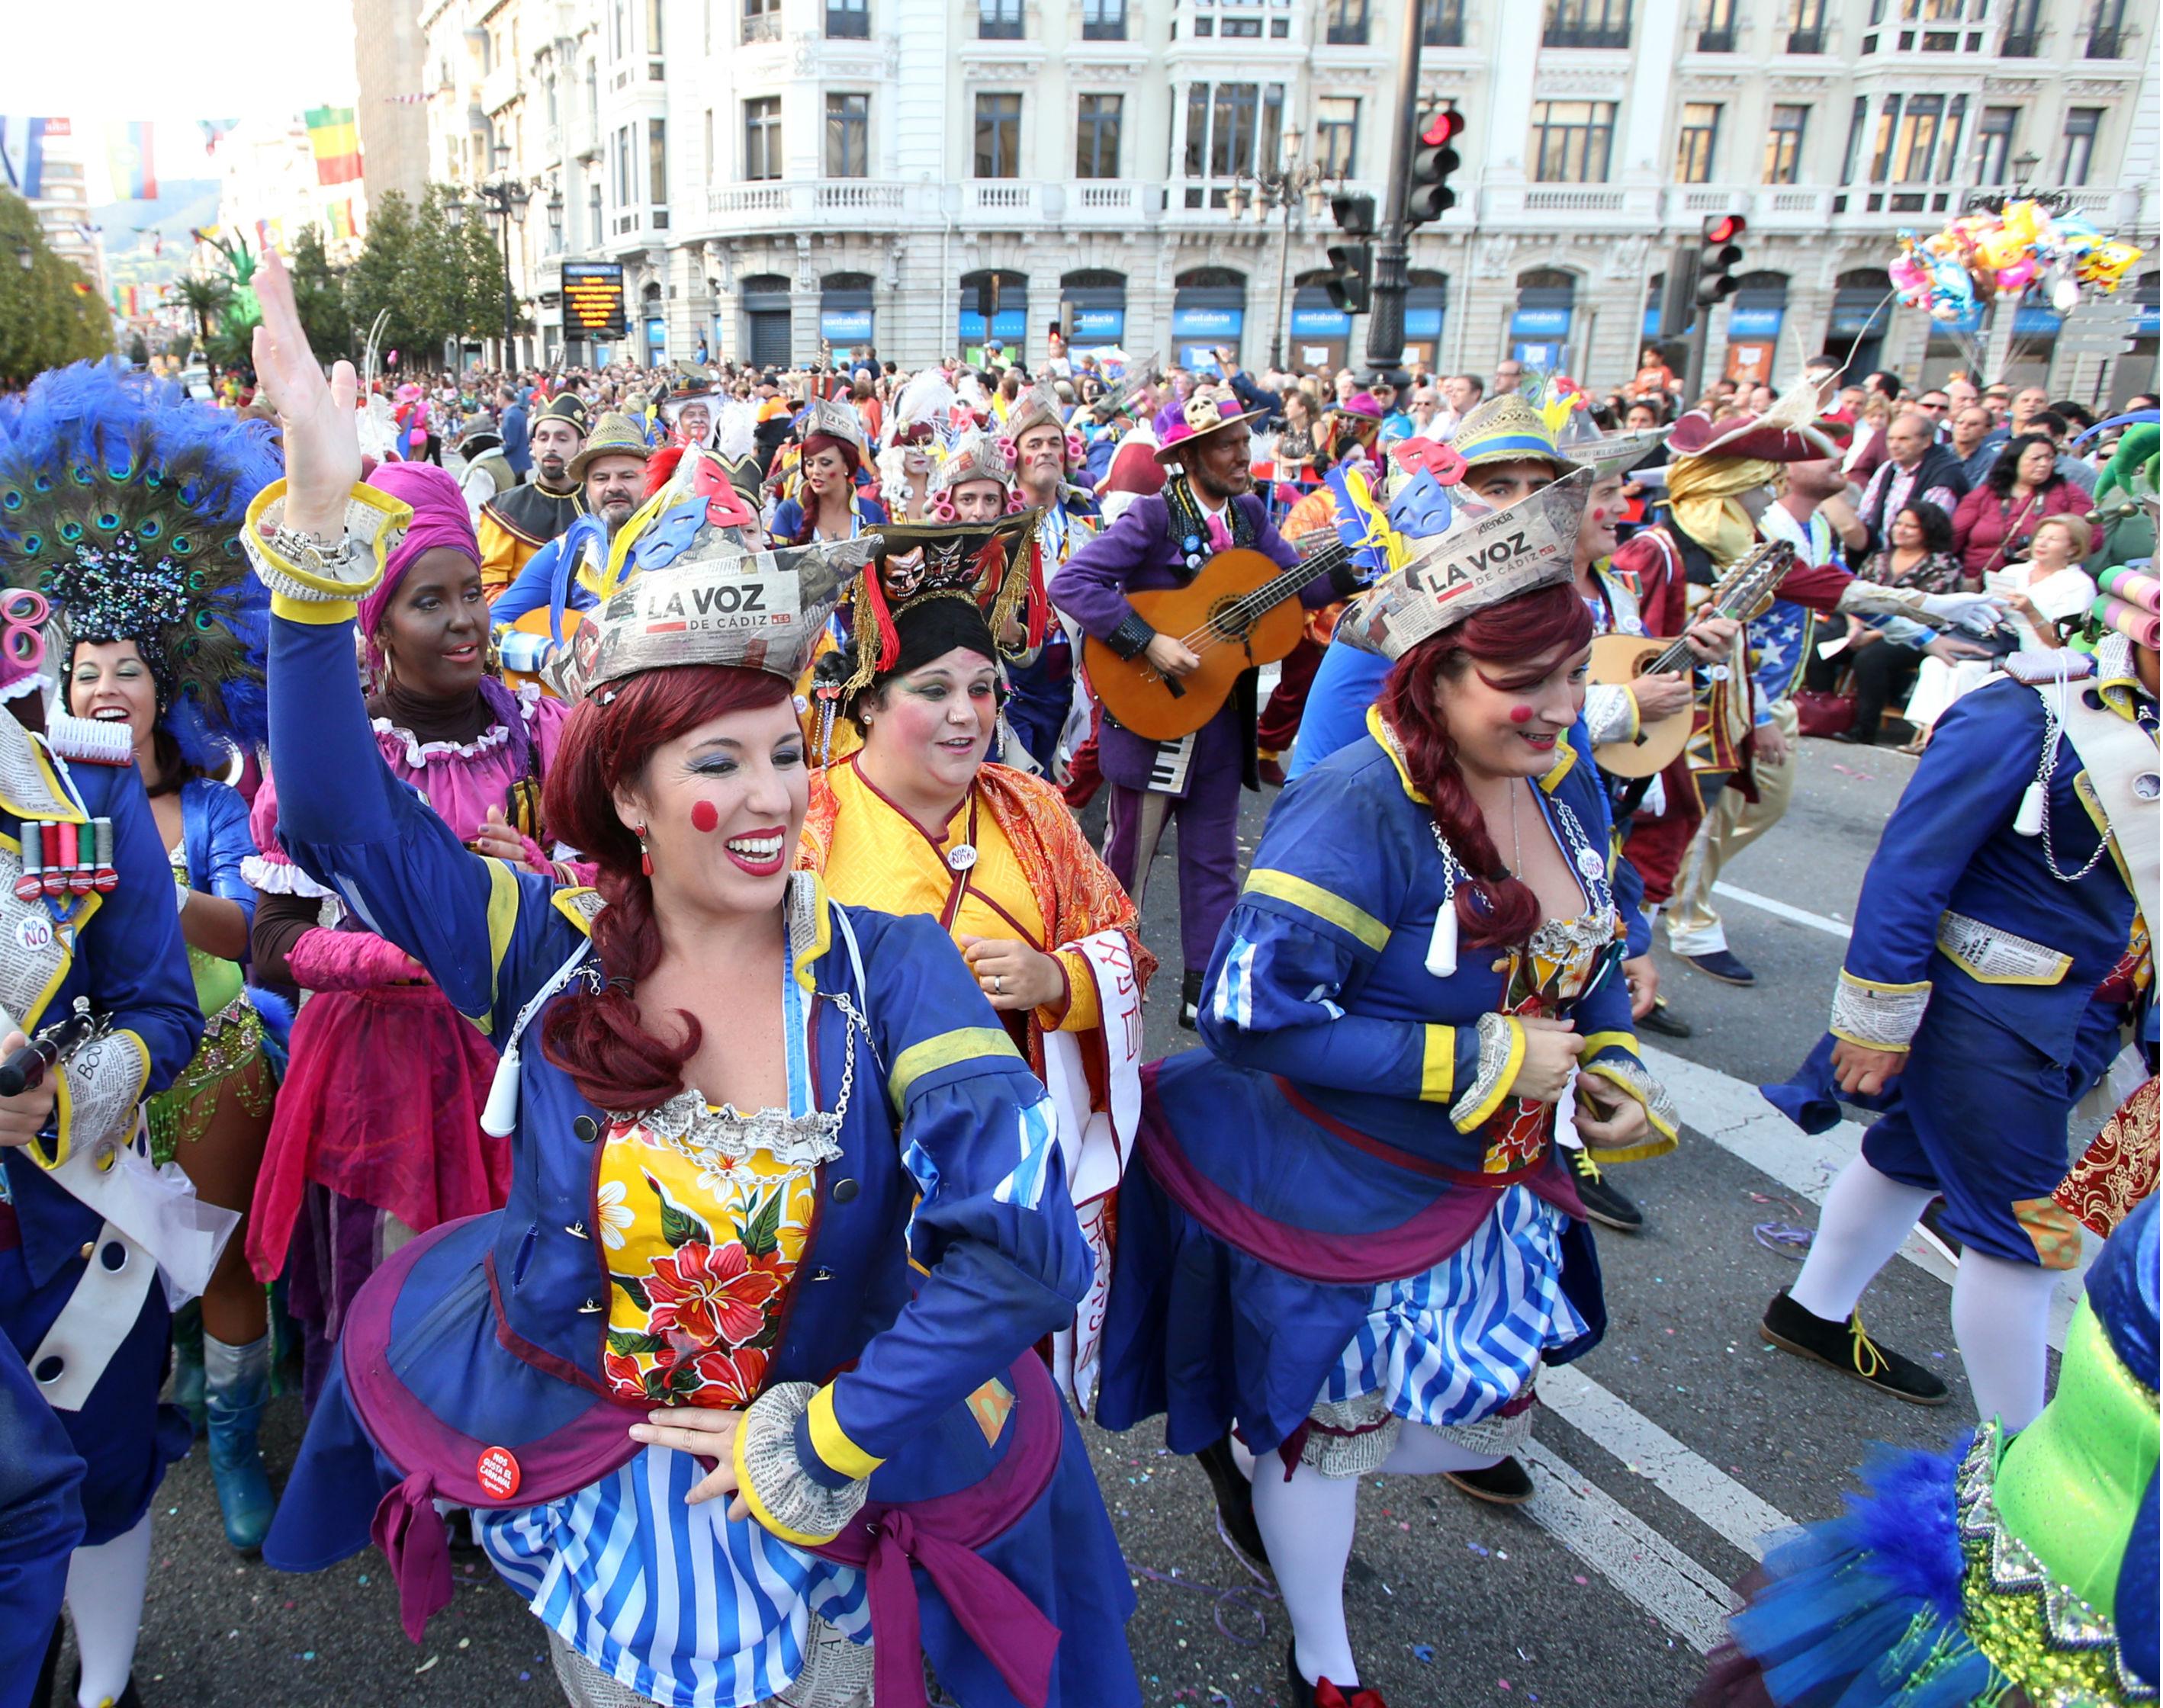 El Ayuntamiento, exultante con la promoción del Carnaval gaditano en Oviedo